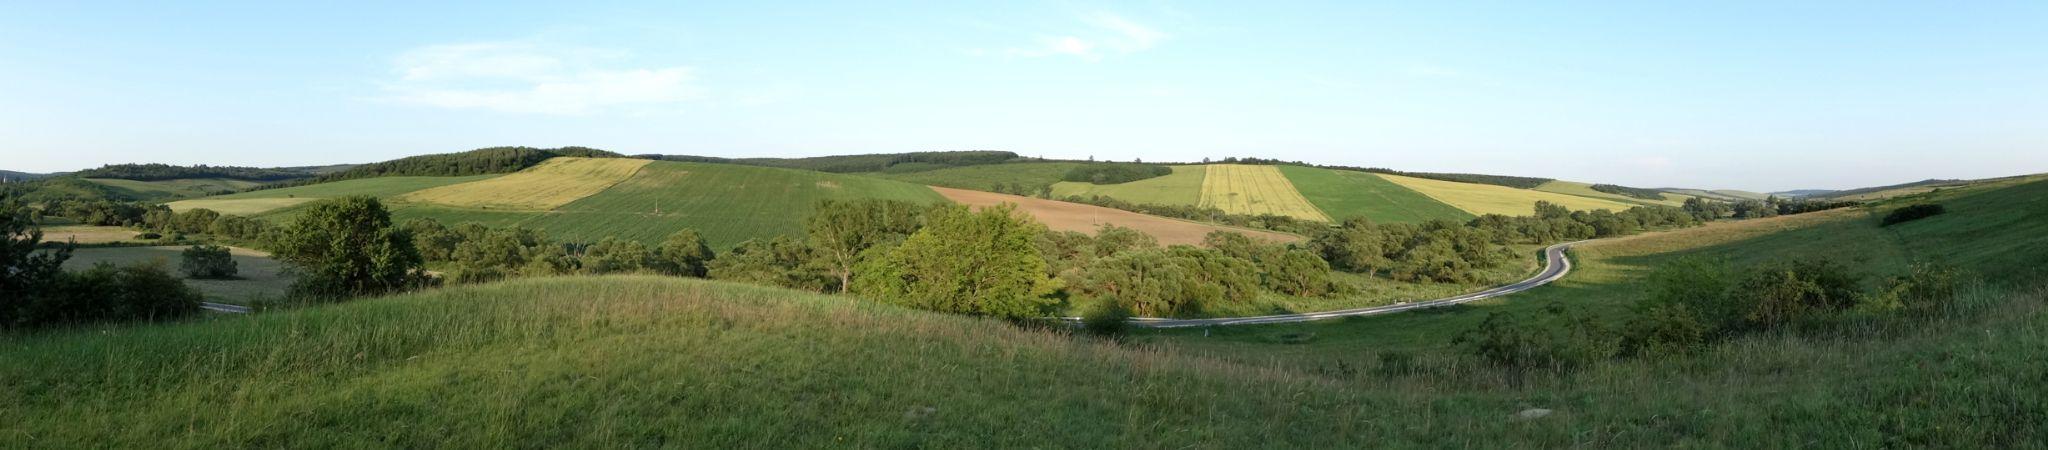 Landscape by adrienne.ludasi